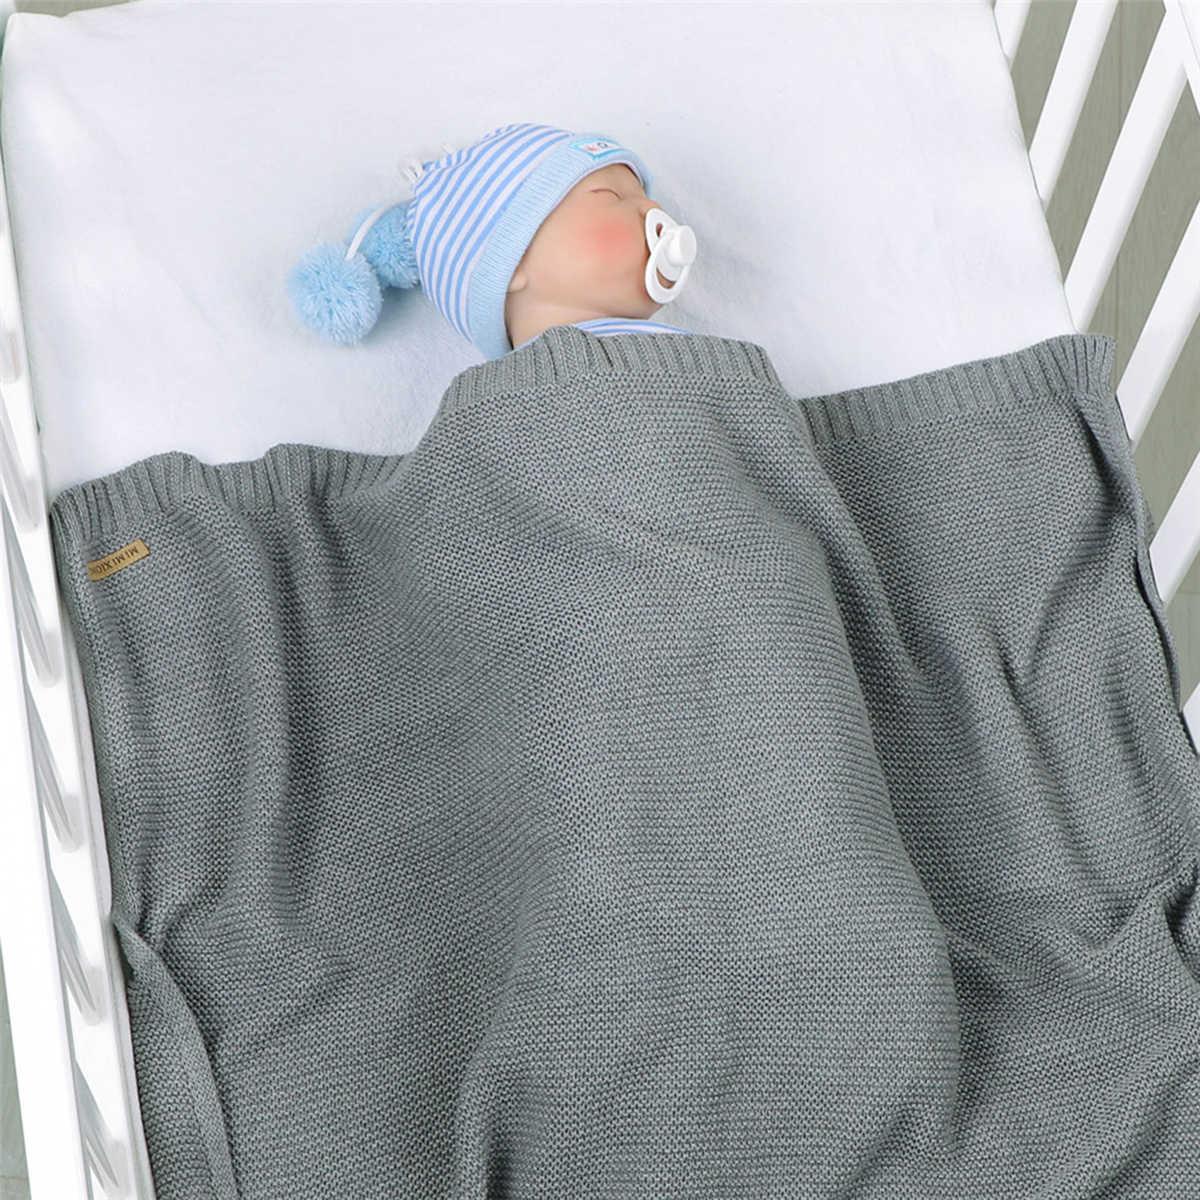 Imcute 2020 Weiche Baby Baumwolle Infant Bettwäsche Kindergarten Quilt Warm Krippe Eingestellt Bett Tröster Bettdecke Herbst Winter 100 x80cm 3 farben